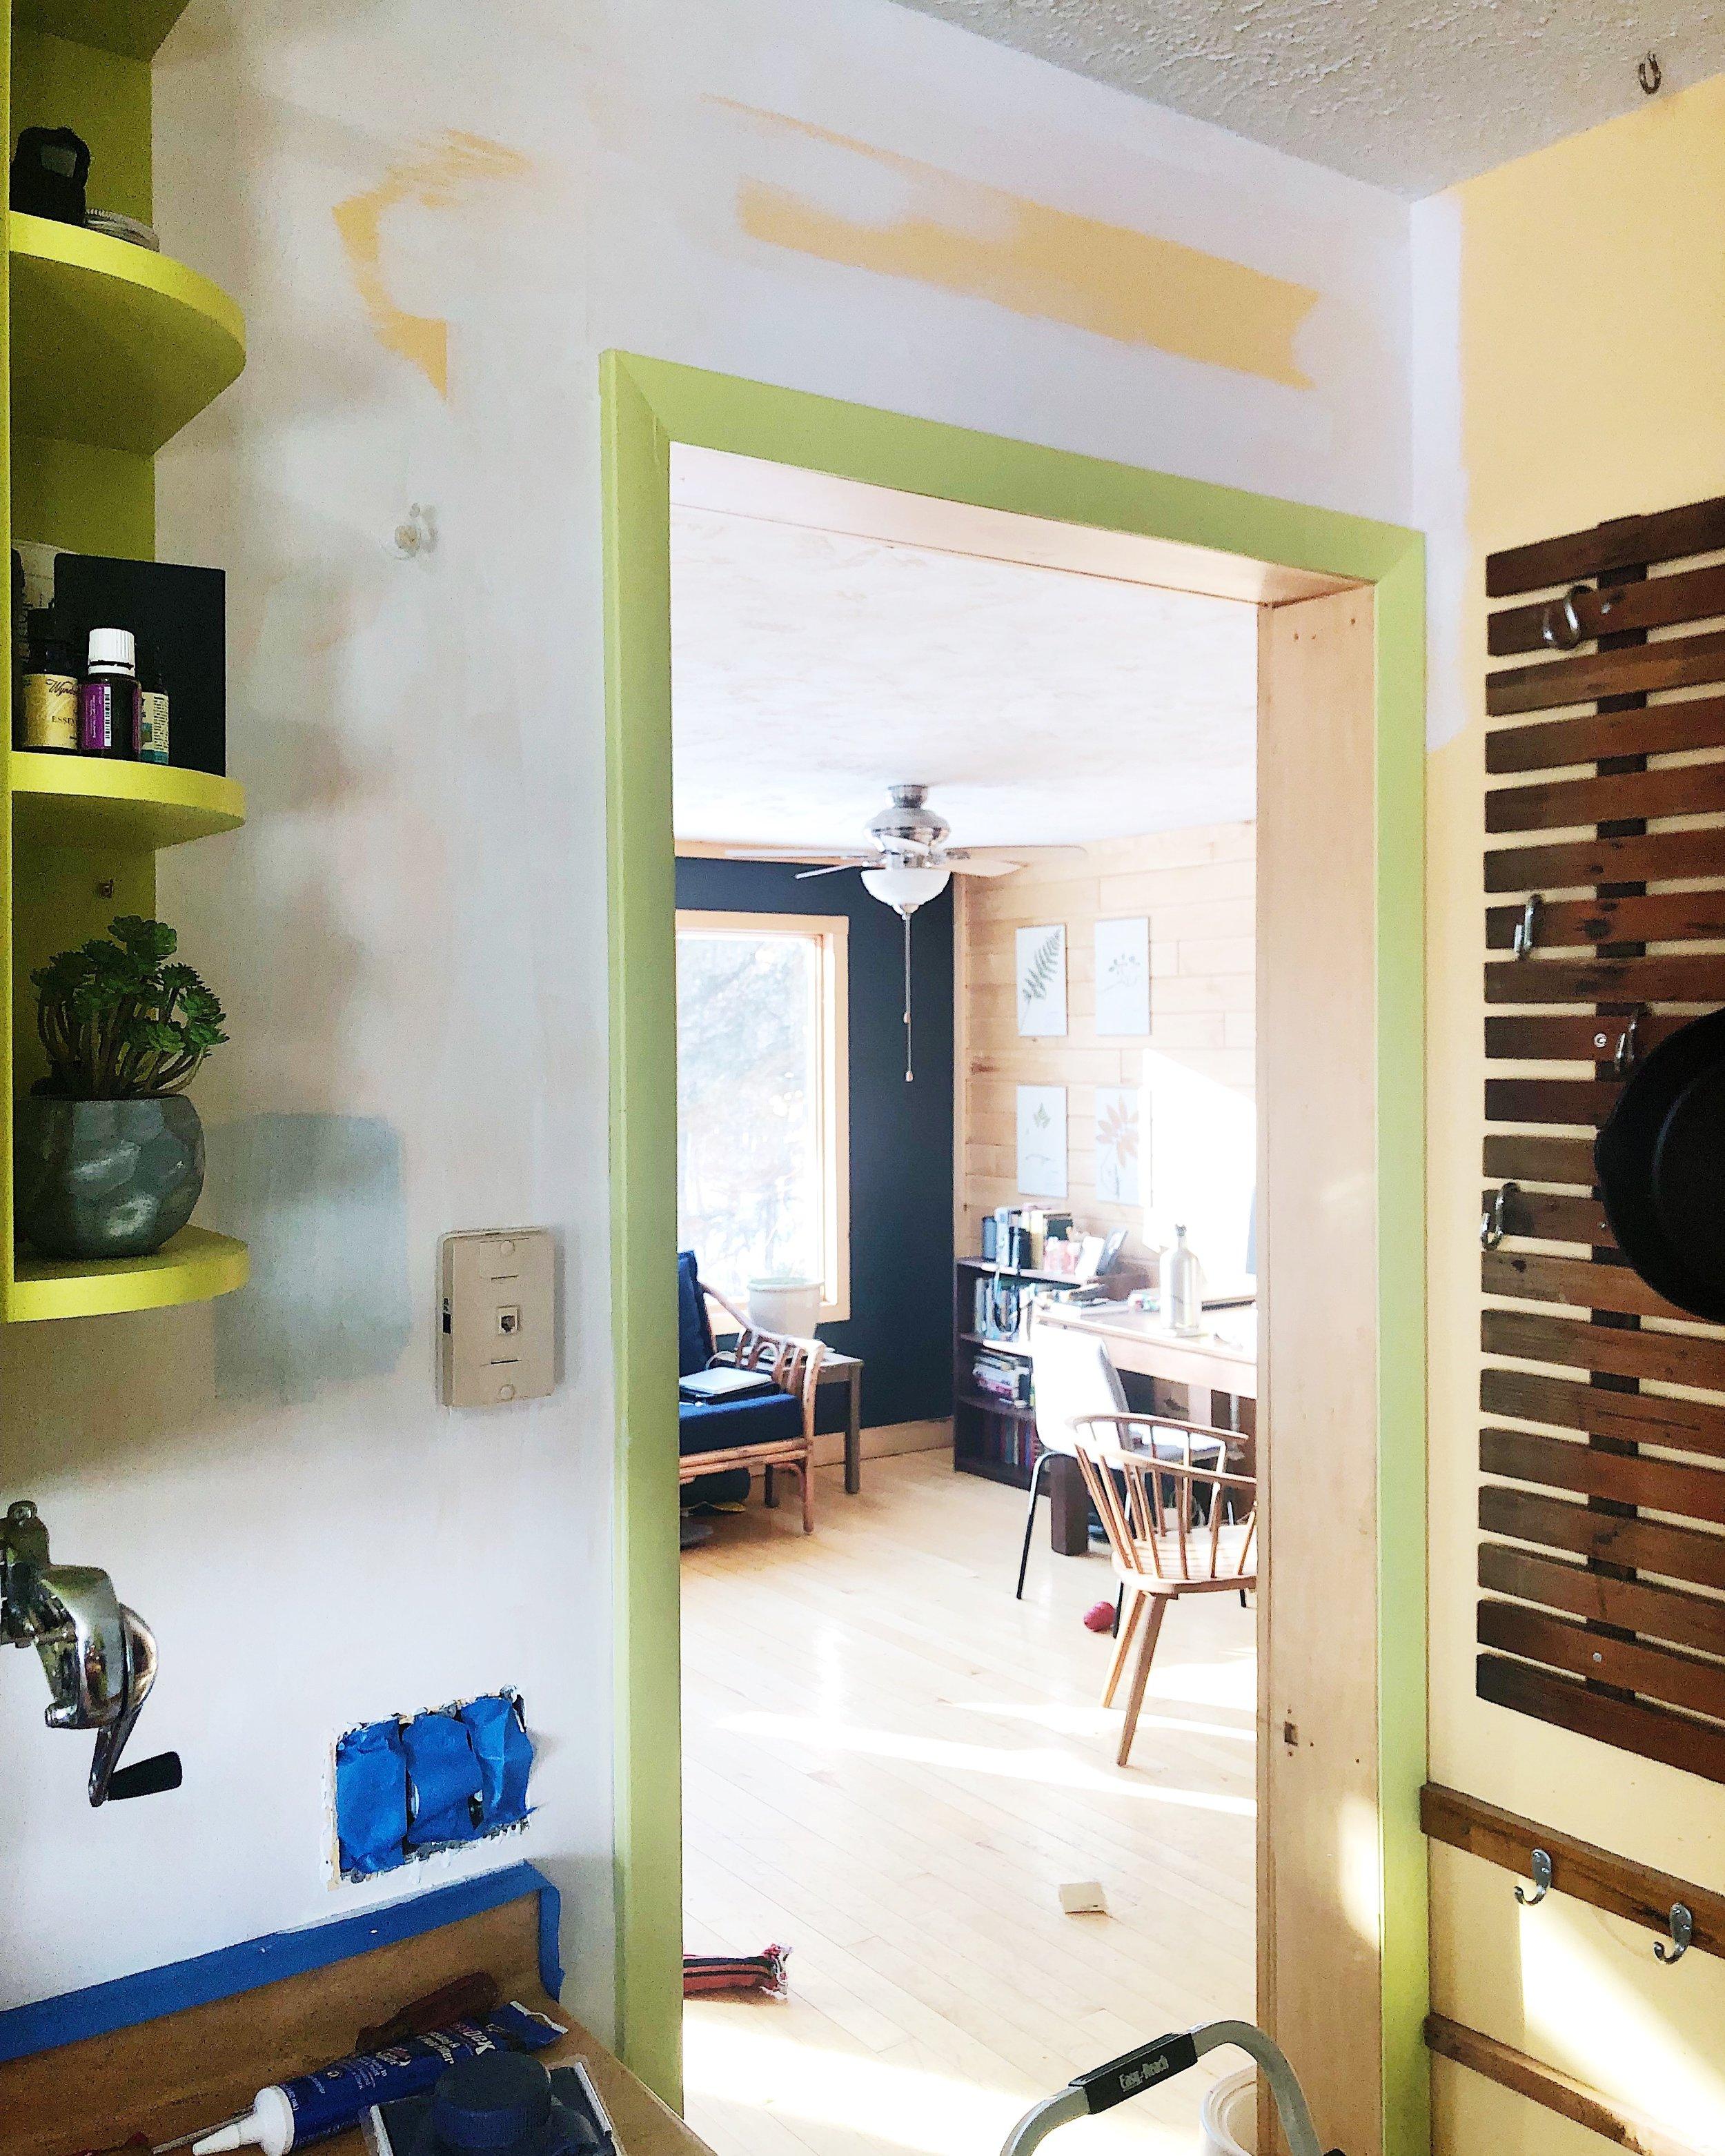 Kitchen update - step #1 - walls & trim